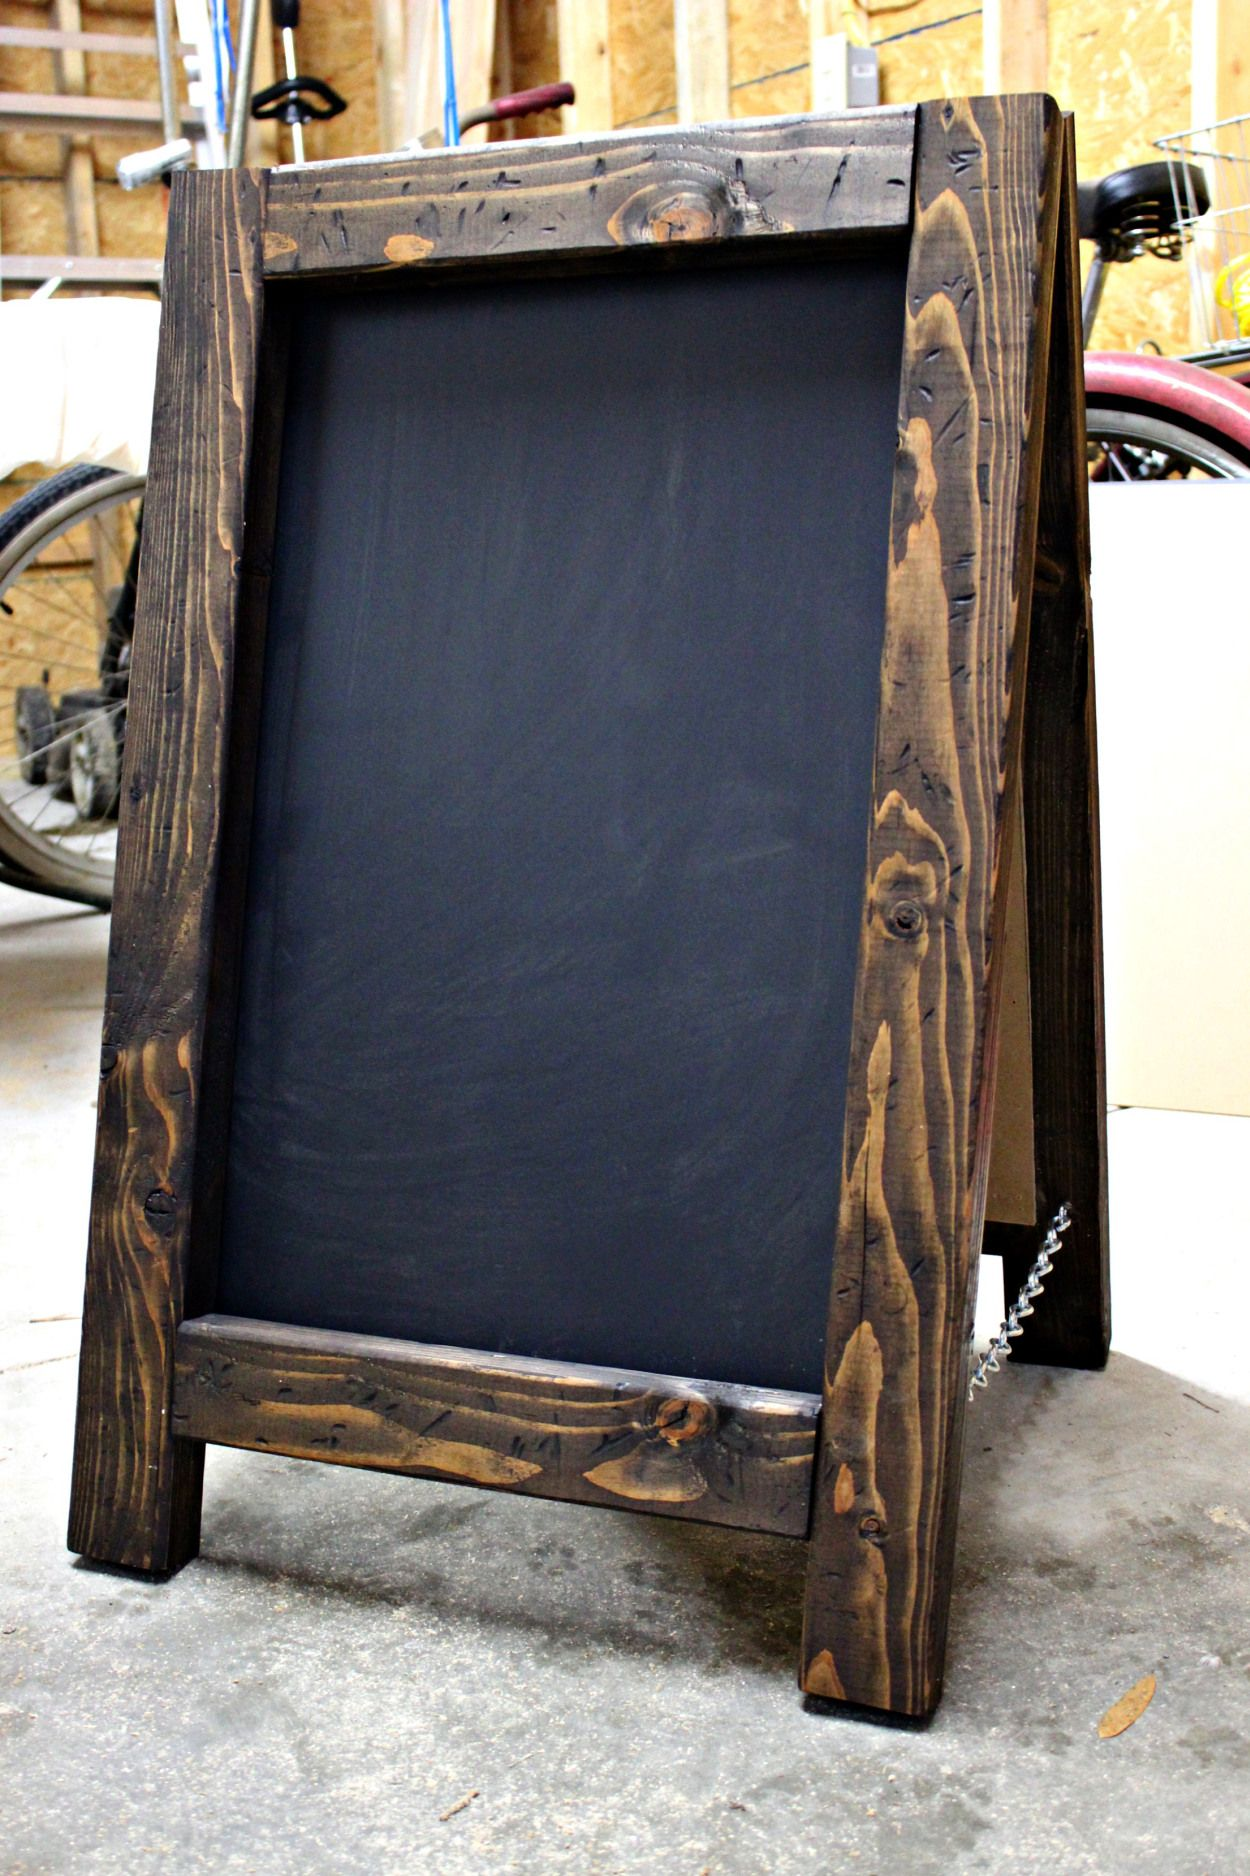 CHAULK BOARD | Diy easel, Diy chalkboard frame, Diy ... on Easel Decorating Ideas  id=34298